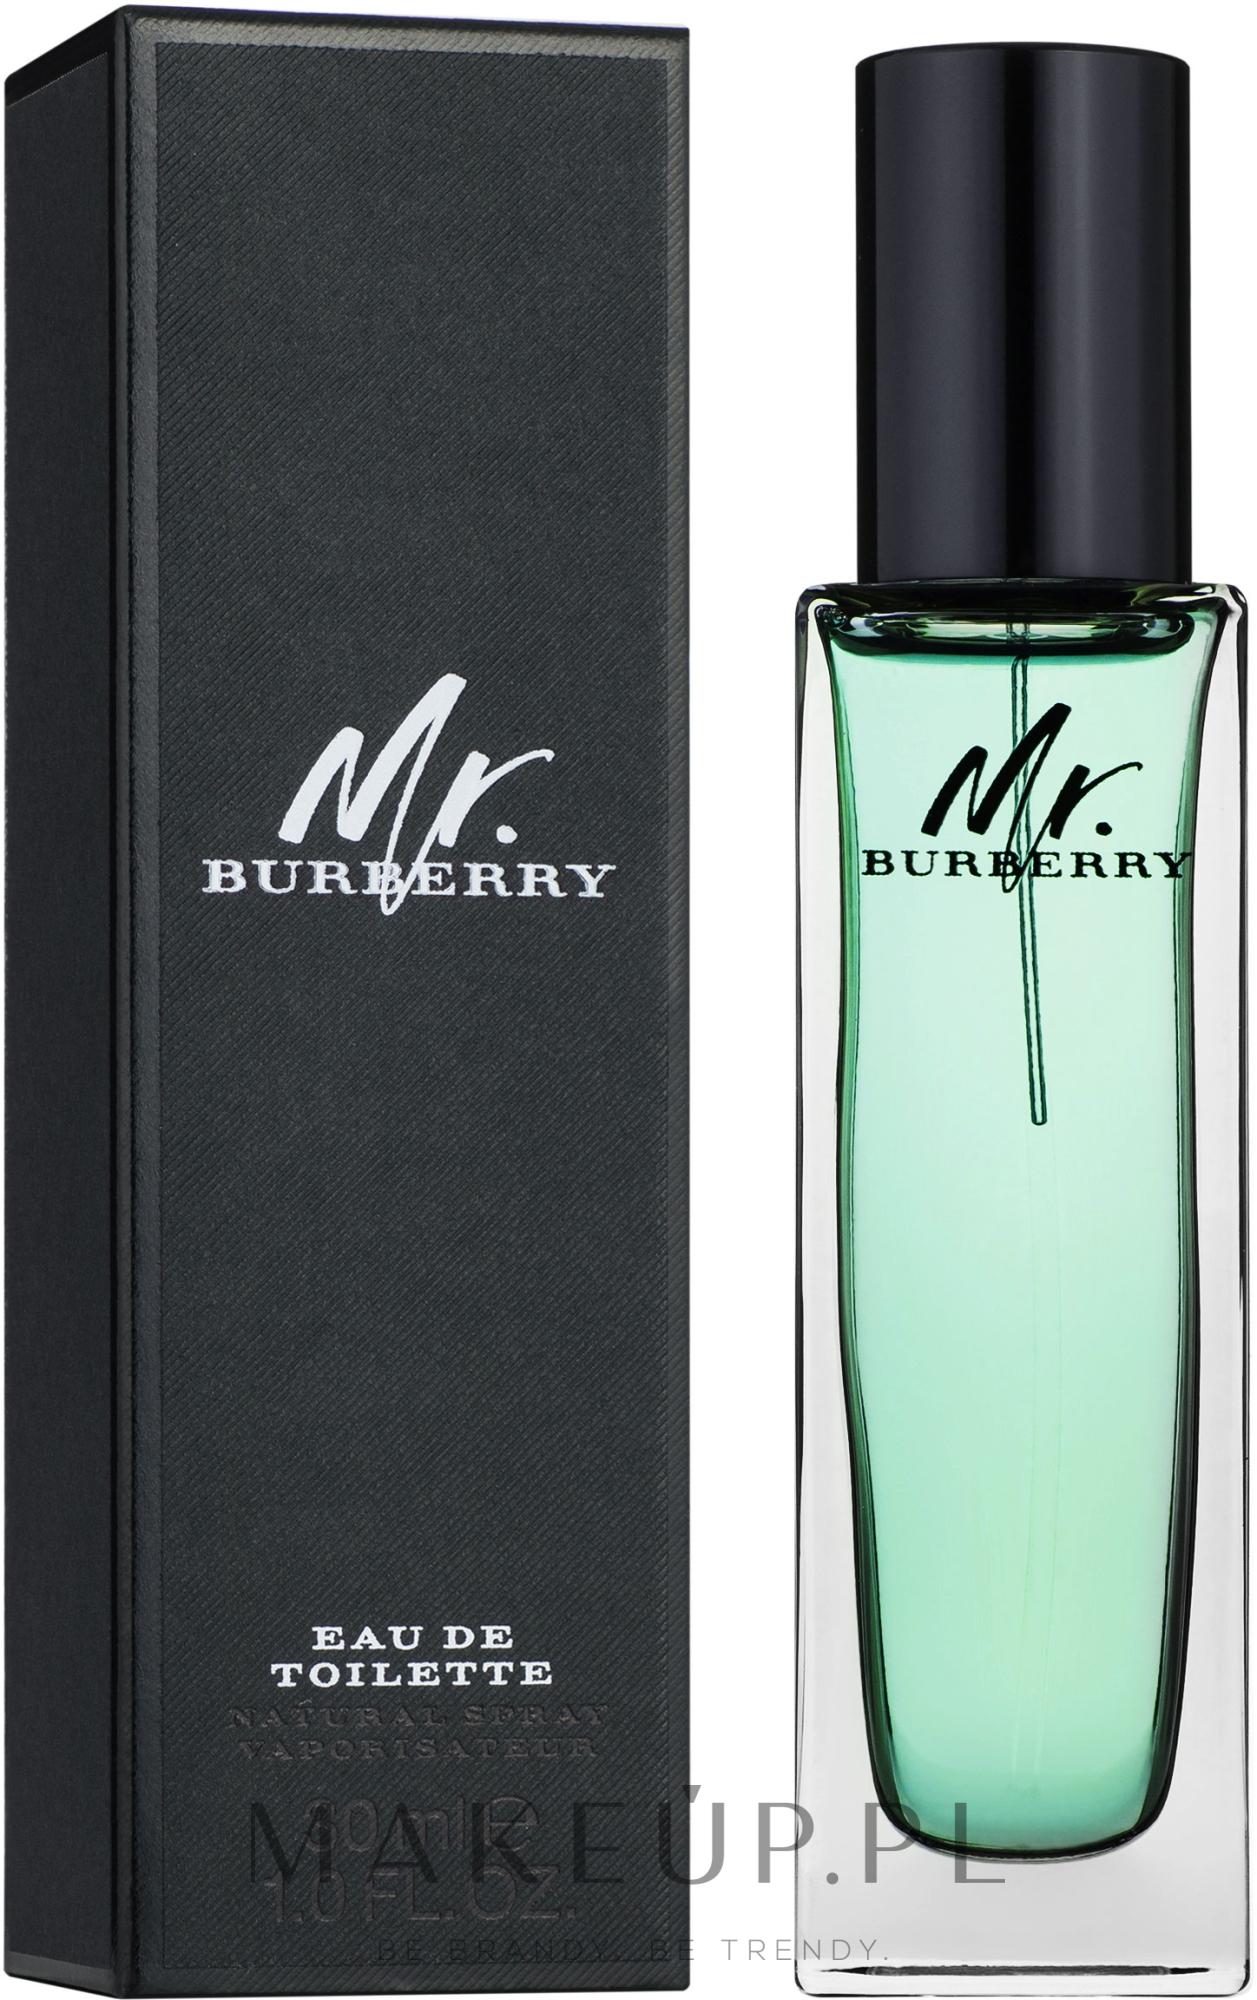 Burberry Mr. Burberry - Woda toaletowa — фото 30 ml